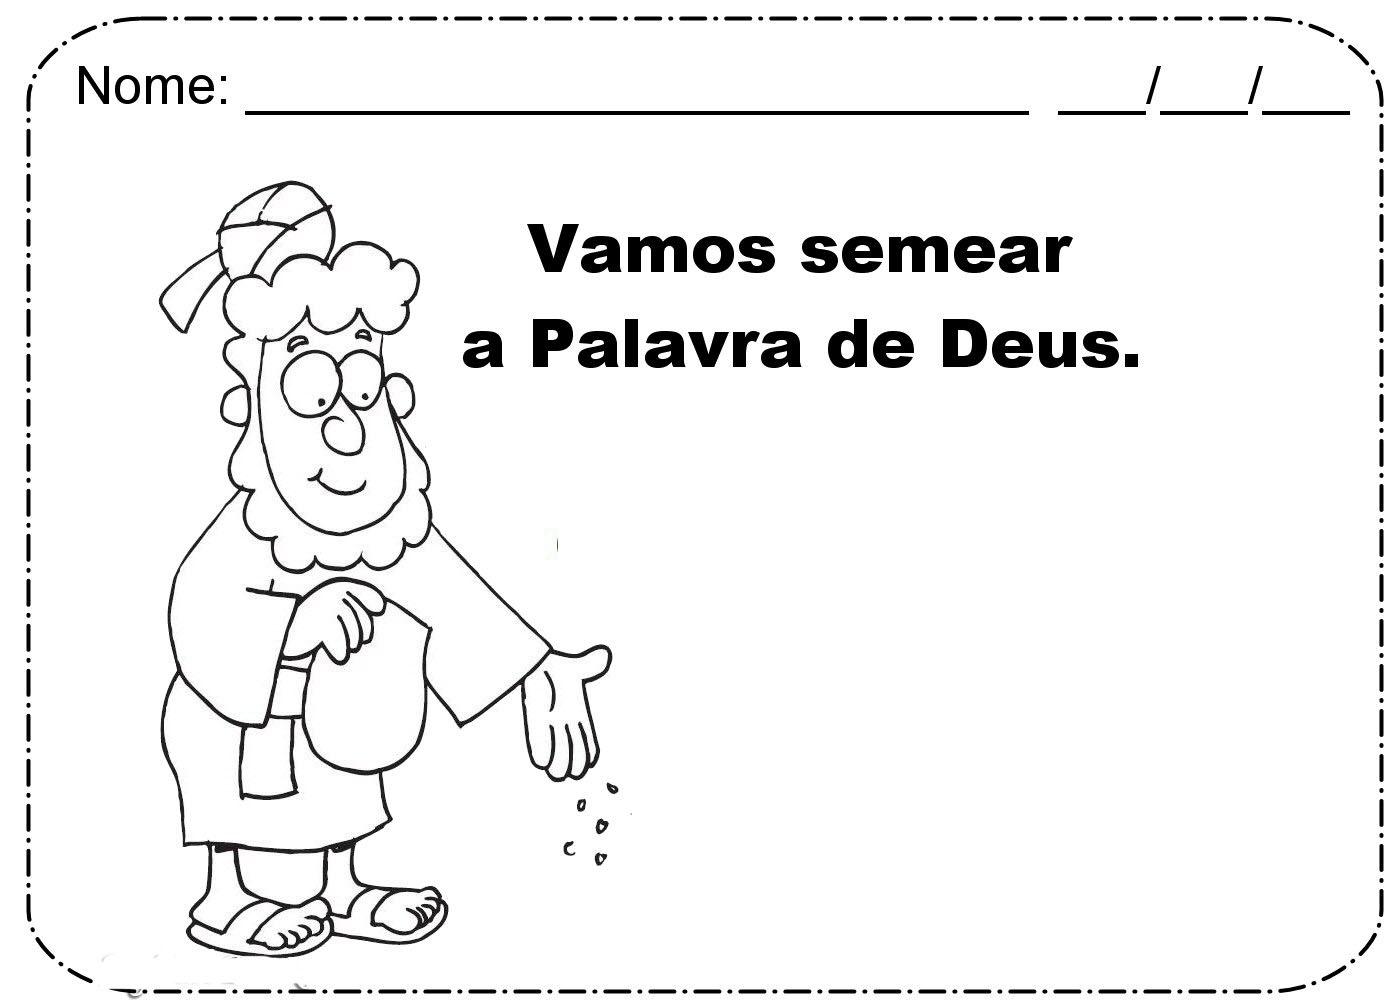 Famosos PARÁBOLA - O SEMEADOR | ´¯`··._.·Blog da Tia Alê FG78